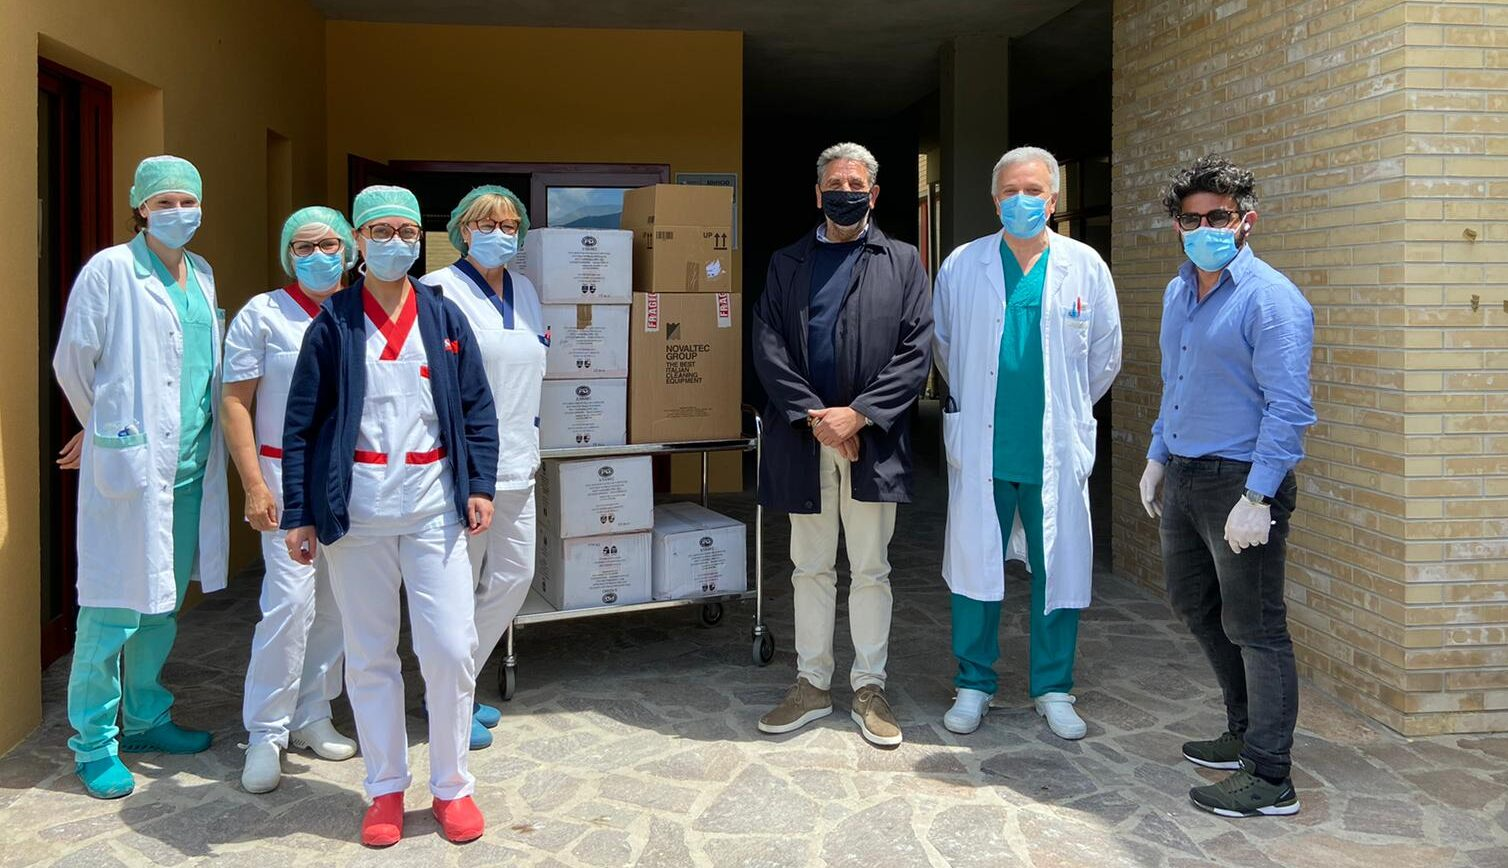 il Comune e la ProLoco di Rocca di Mezzo donano presidi sanitari al reparto di Malattie Infettive del San Salvatore